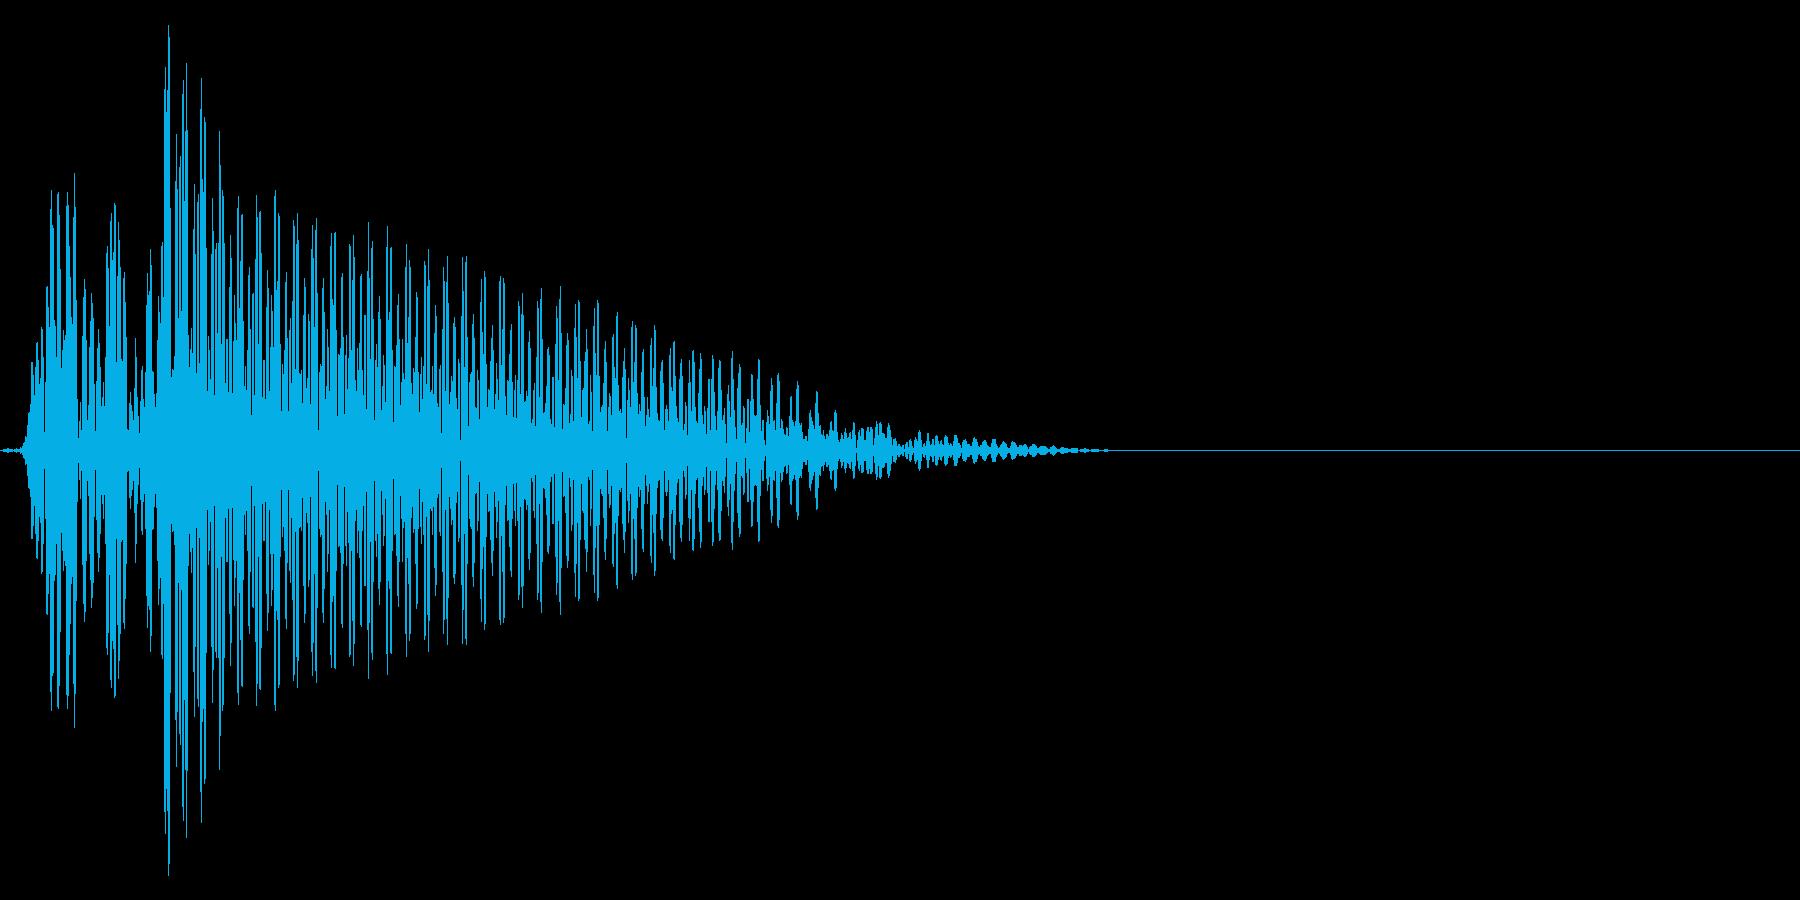 ゲーム掛け声ゾンビ1オー4の再生済みの波形